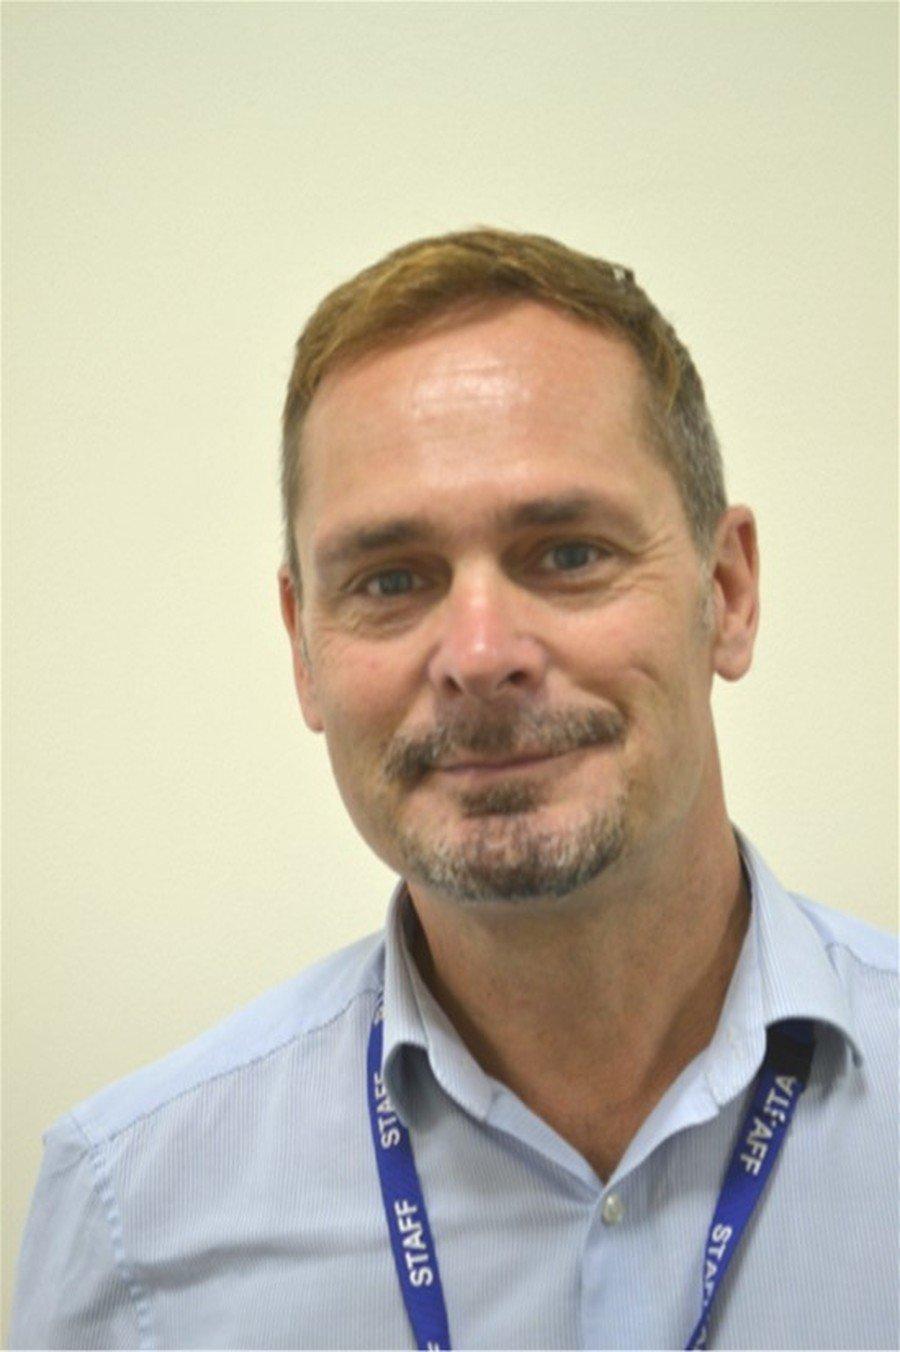 Mr J Hemming